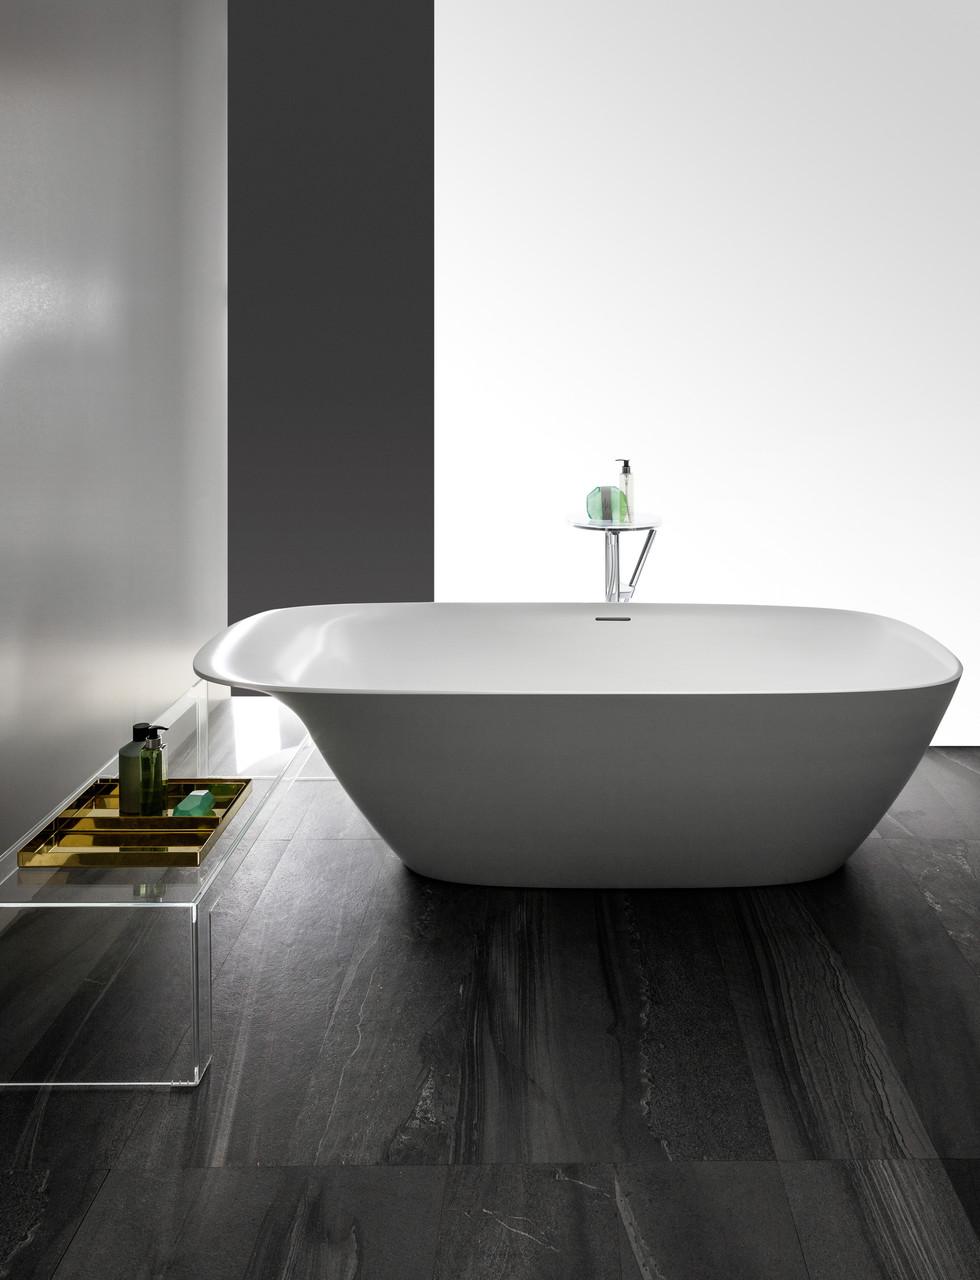 Bad uit de badkamercollectie Ino van Laufen #badkamer #badkamerinspiratie #laufen #bad